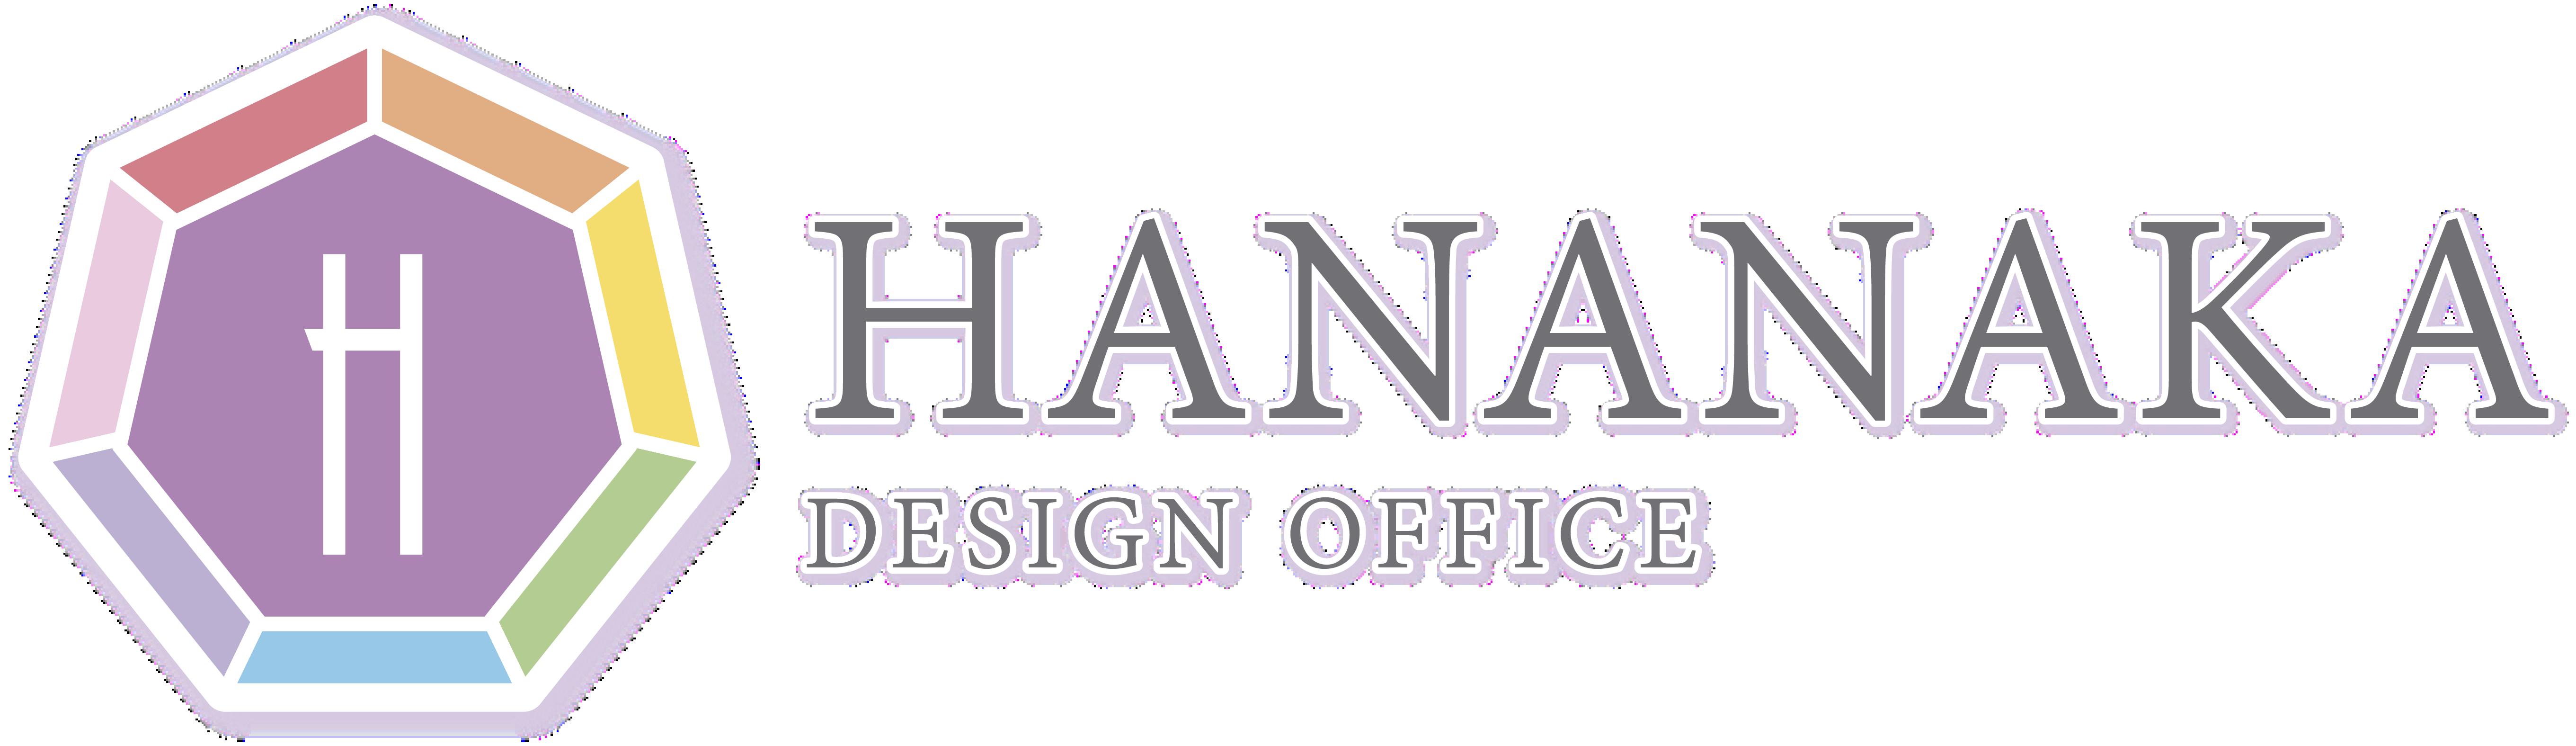 ハナナカデザイン制作所(フリーランス) -HANANAKA DESIGN OFICE-